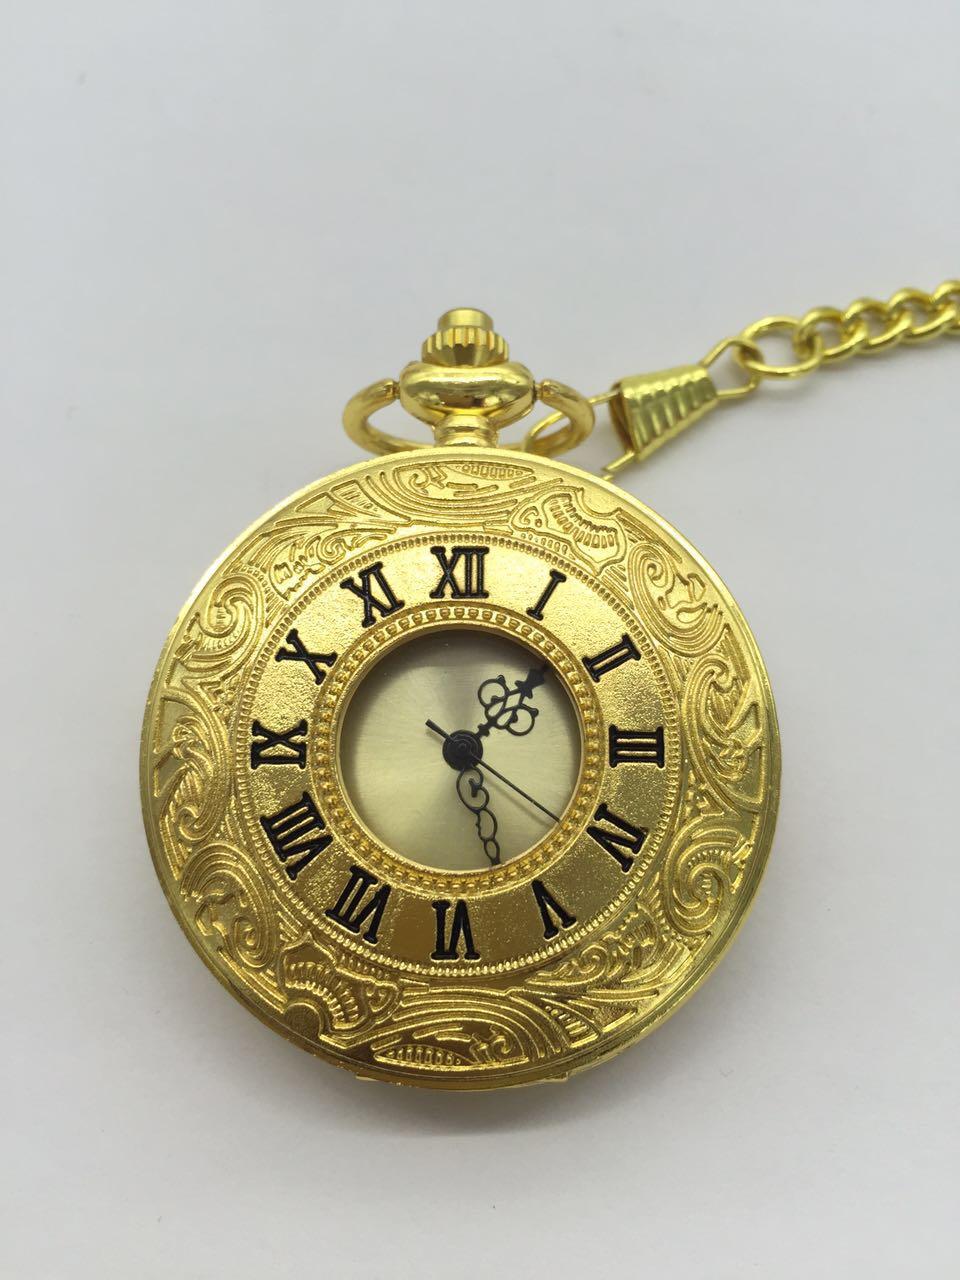 Nouveau quartz doré évider chiffres romains double affichage hommes FOB chaîne montres de poche-in Montres de poche from Montres    1